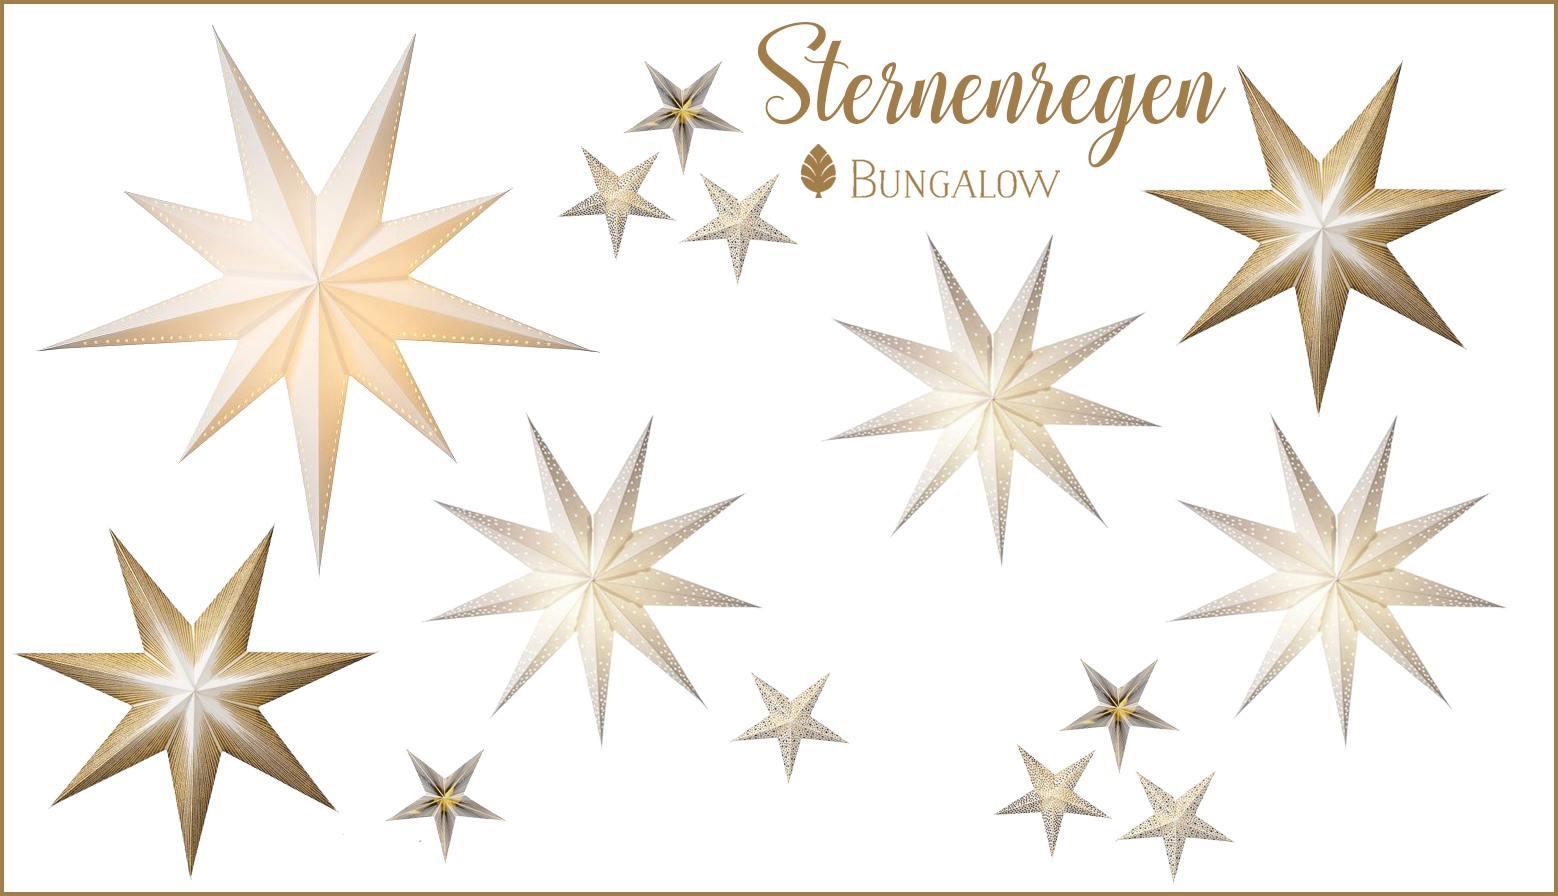 bungalow dk papiersterne wunderschoen-gemacht